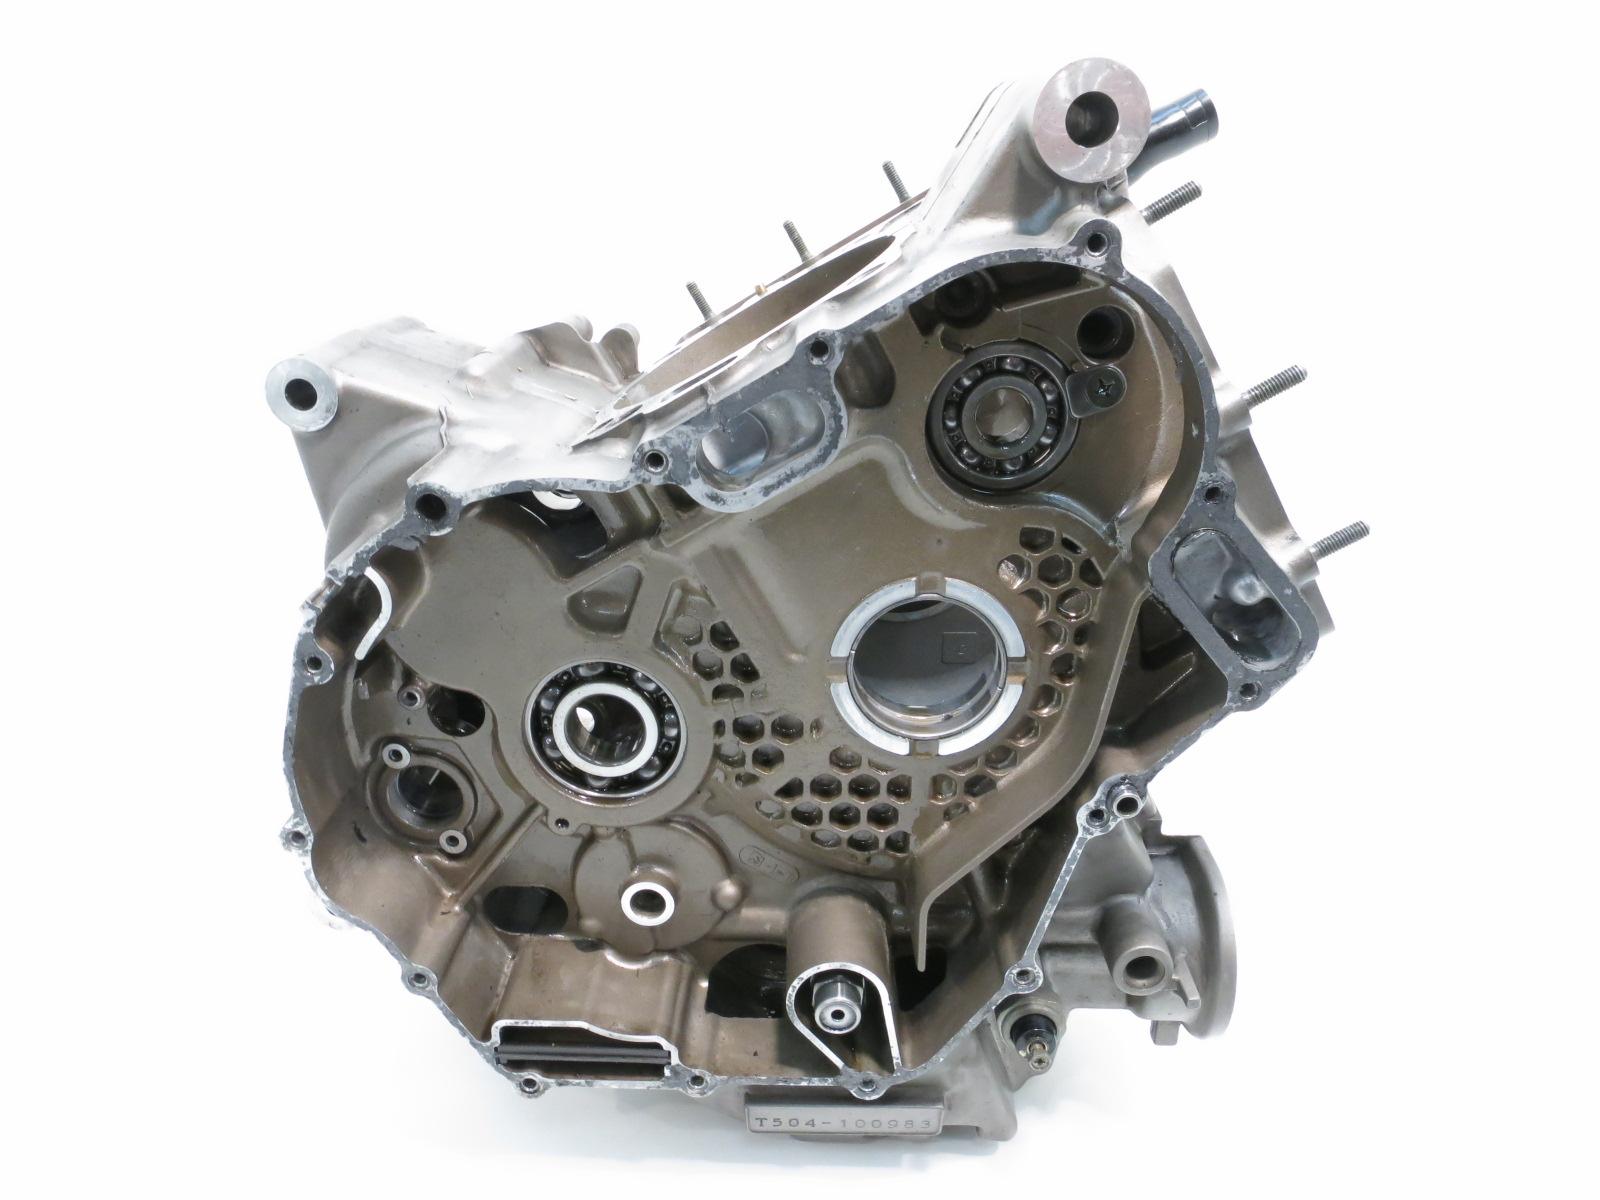 SUZUKI TL 1000 R (AM) TLR Motor Motorblock Gehäuse Motorgehäuse | eBay